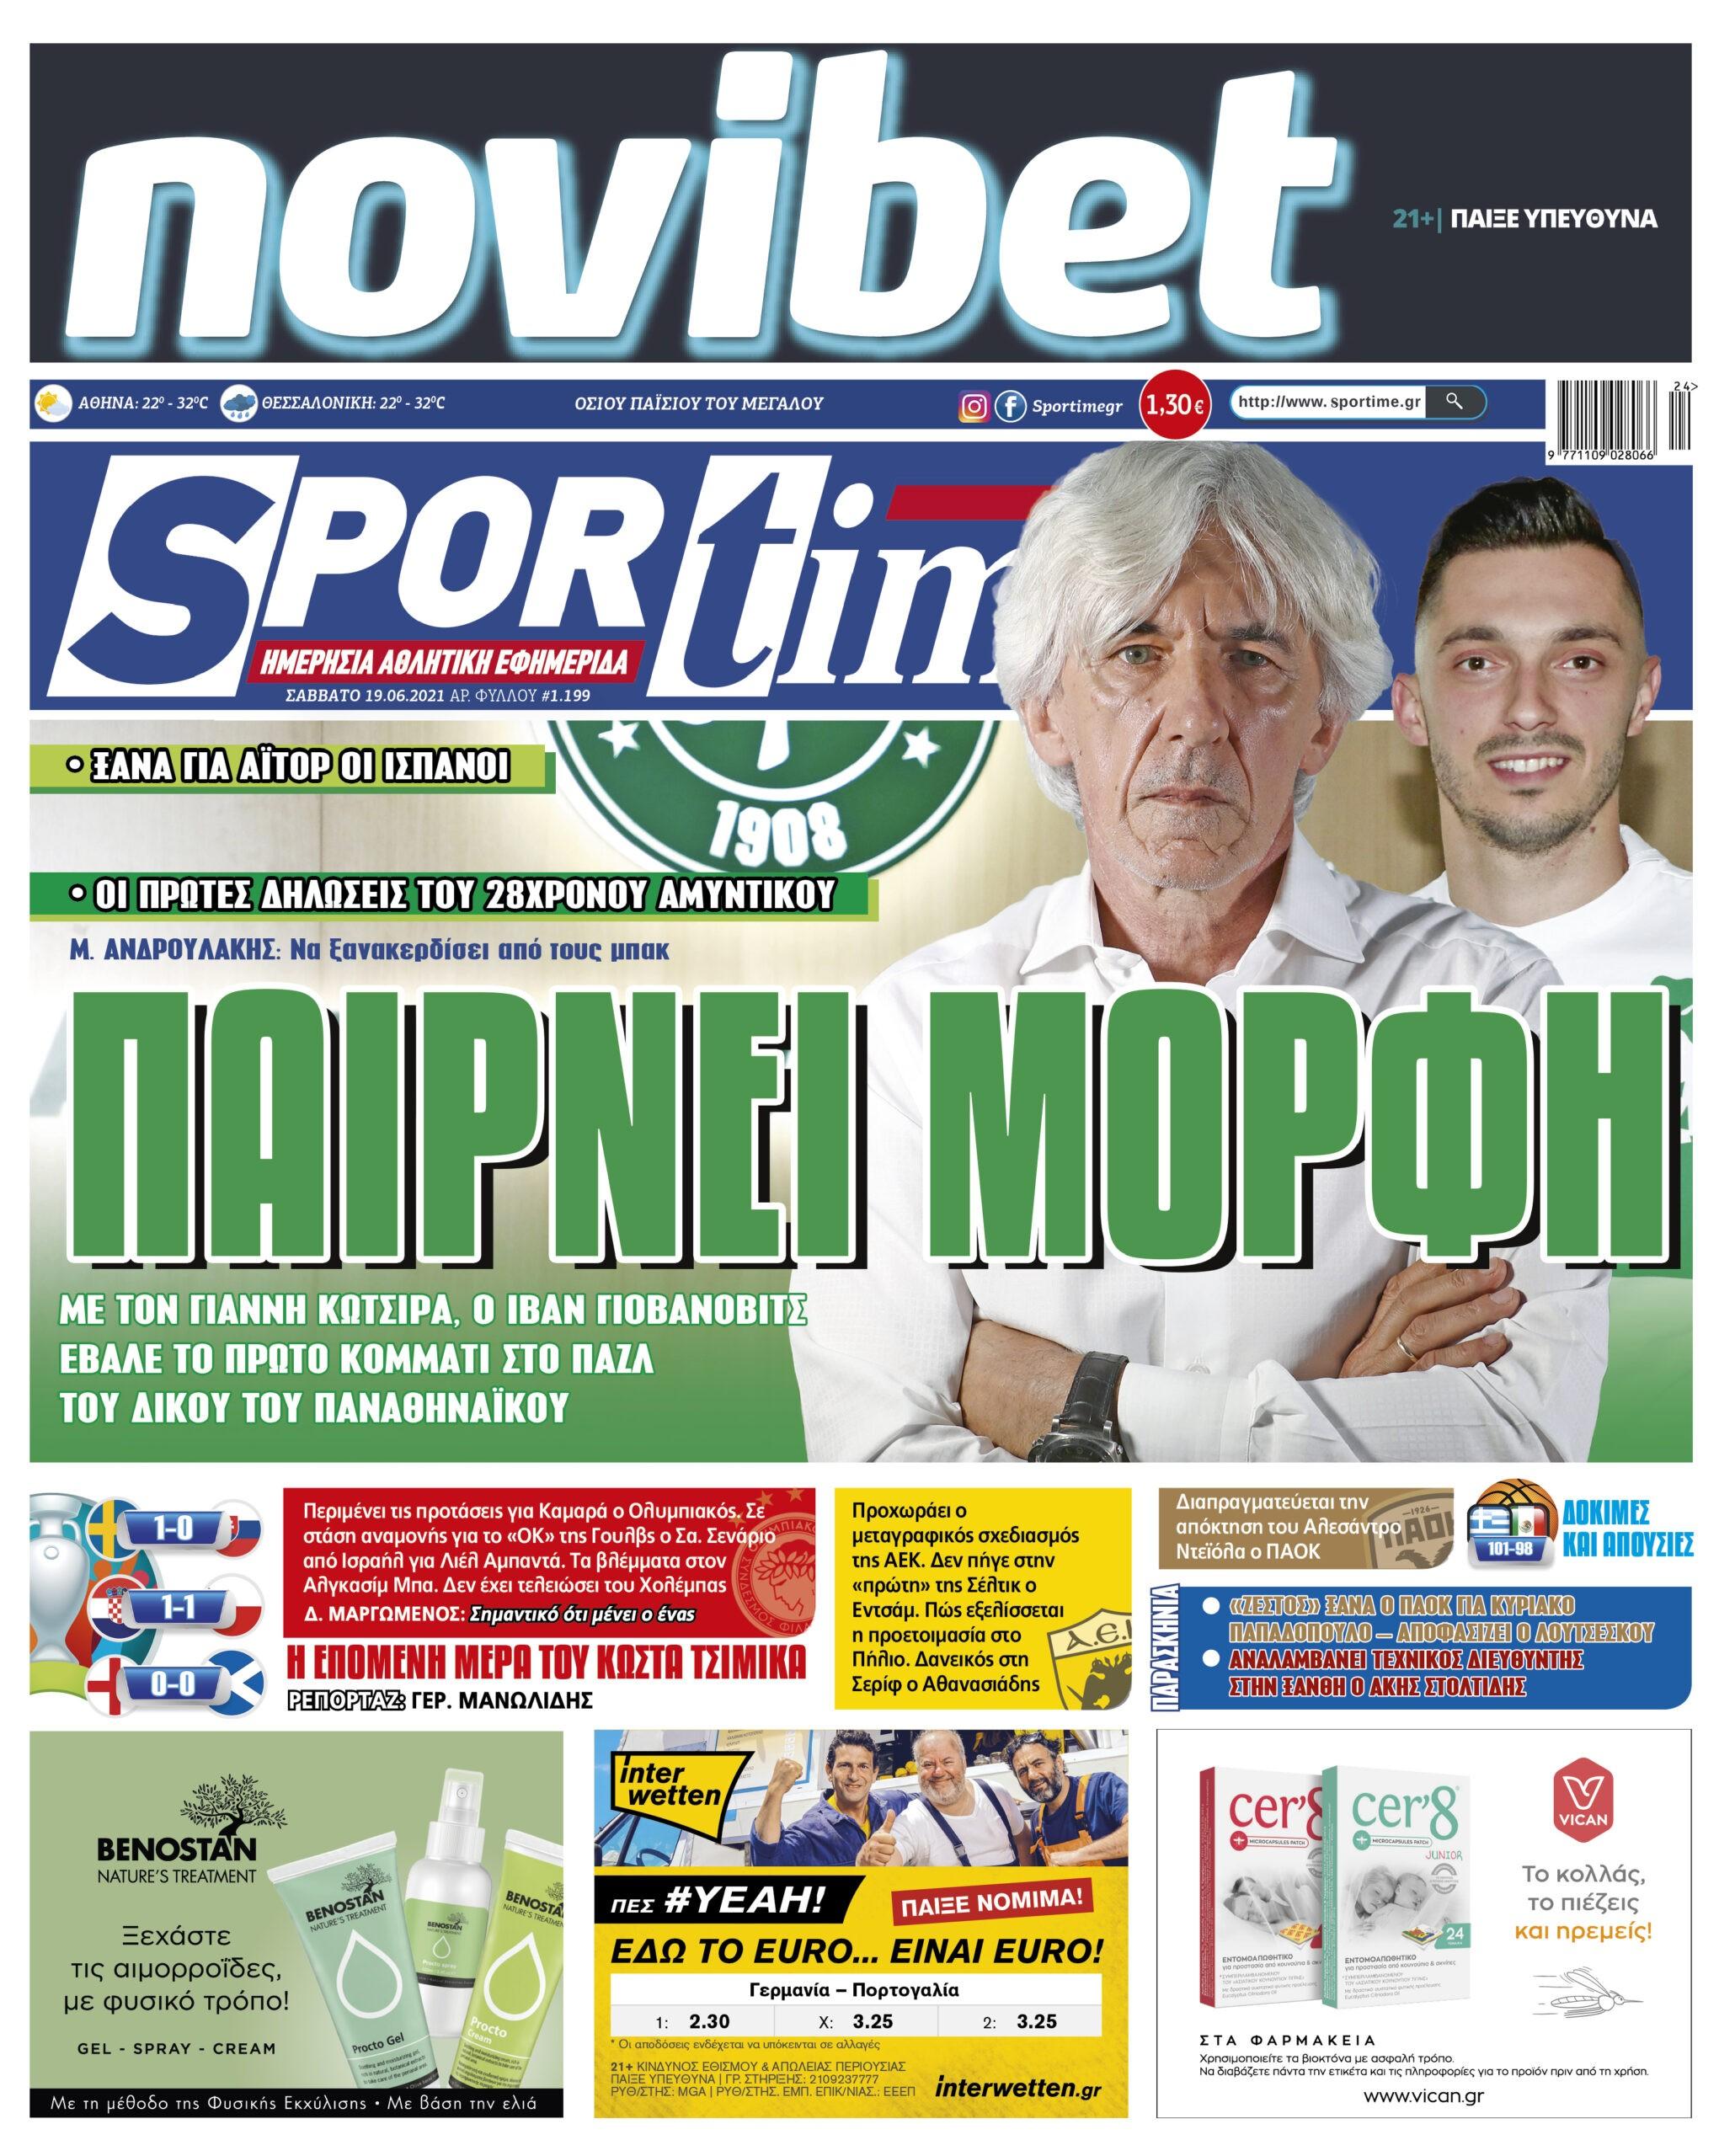 Εφημερίδα SPORTIME - Εξώφυλλο φύλλου 19/6/2021